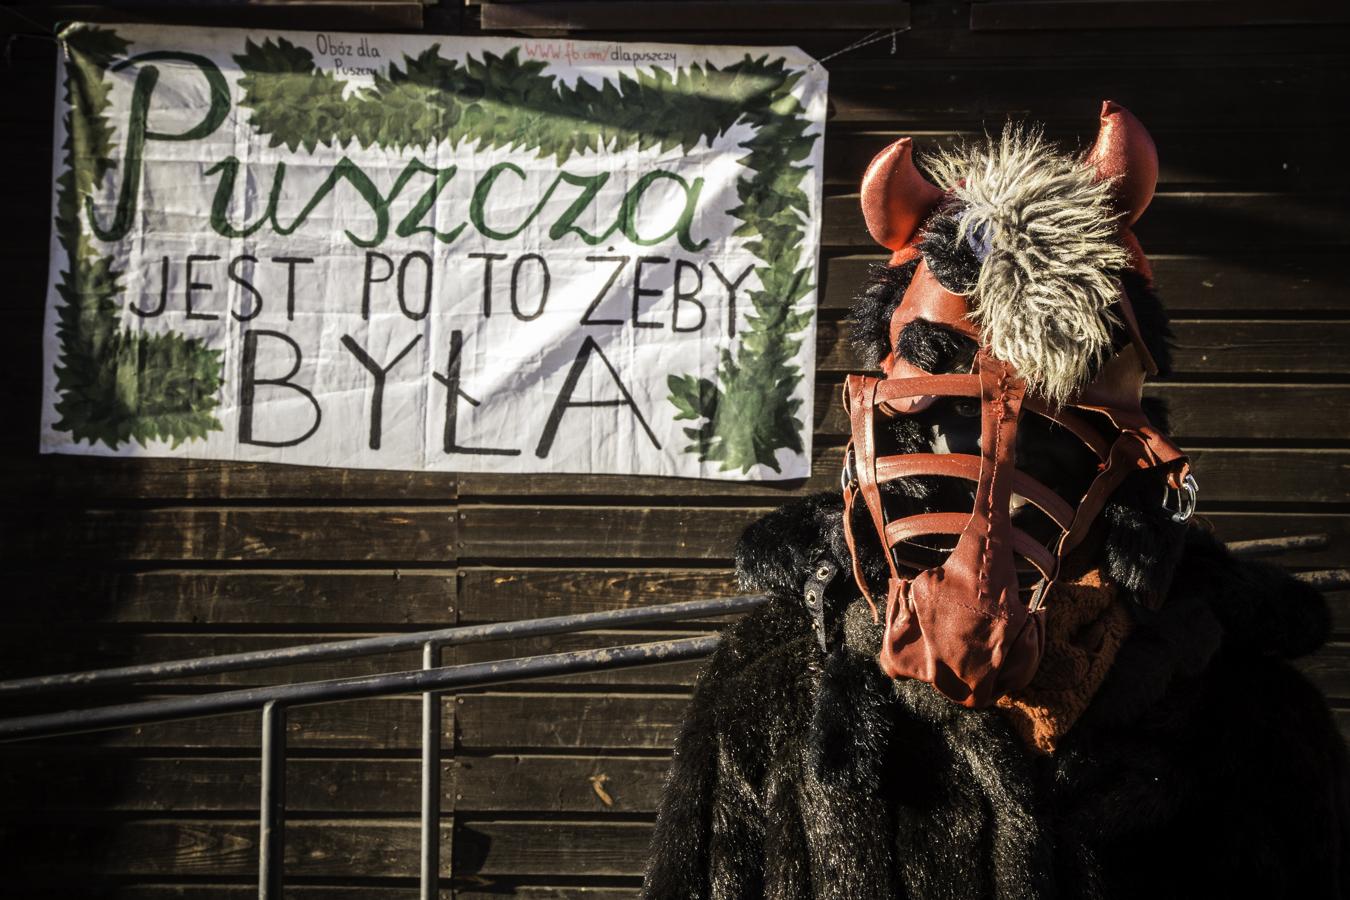 Diabeł pod budynkiem starej szkoły w Teremiskach na tle napisu Puszcza jest po to, żeby była.